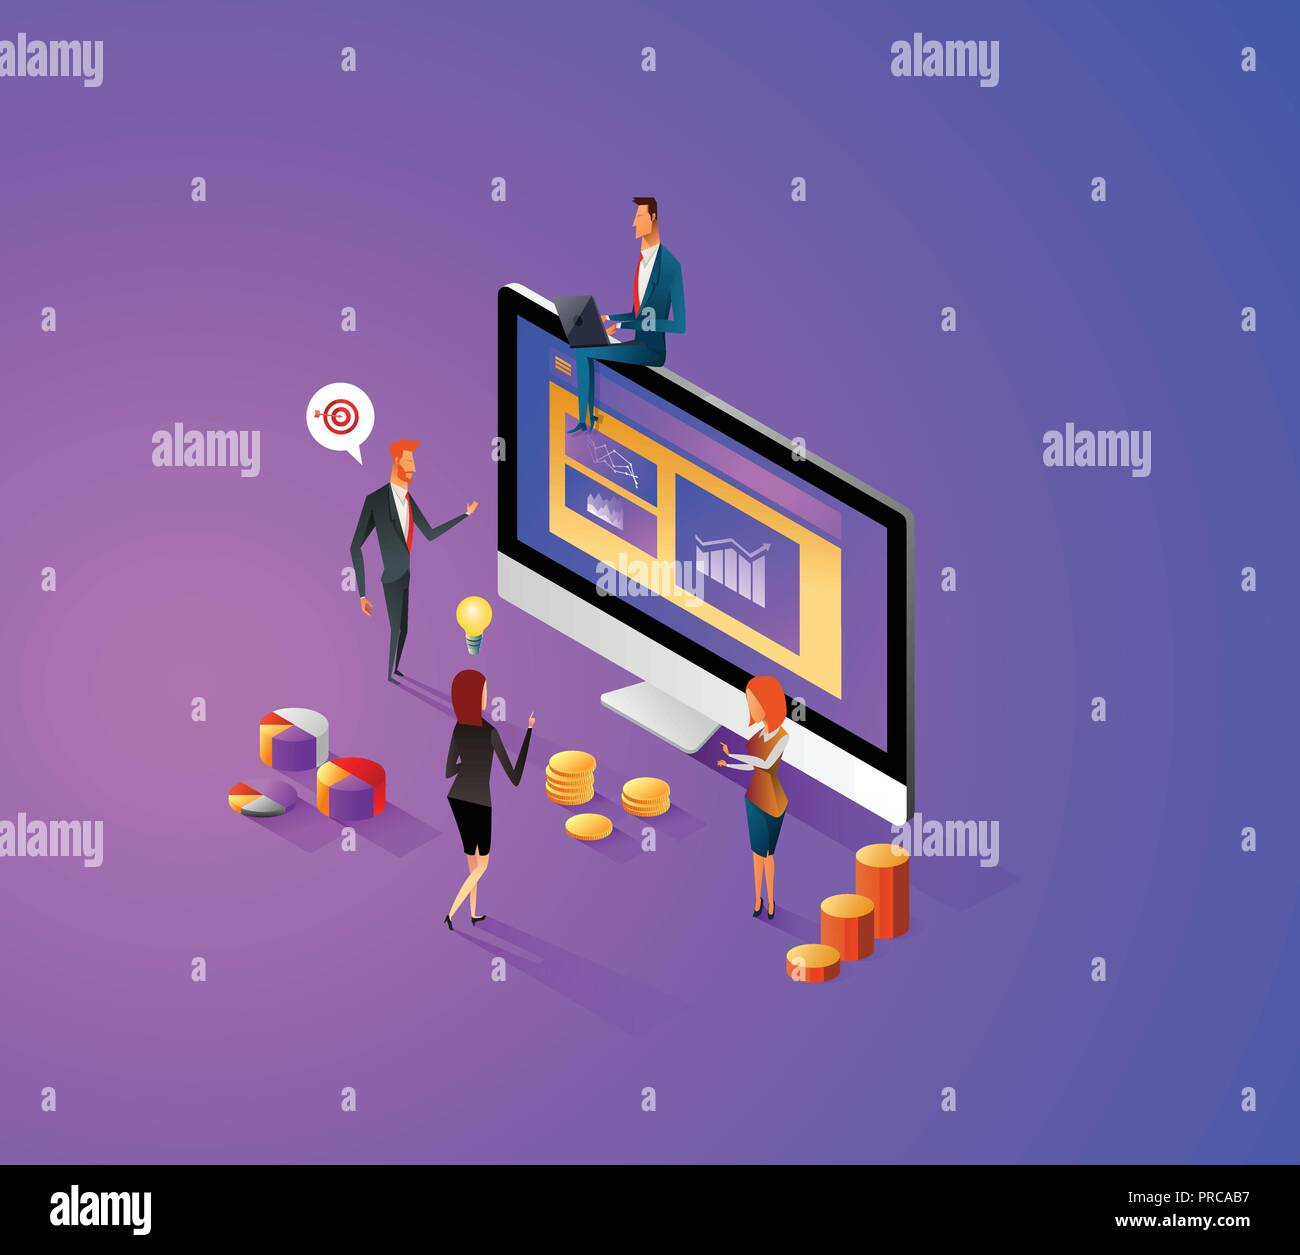 Design plat moderne concept isométrique de gérer vos données de site web et site web mobile. Modèle de page d'atterrissage, thème violet foncé. Facile à modifier et à personnaliser. Vector illustration. Illustration de Vecteur